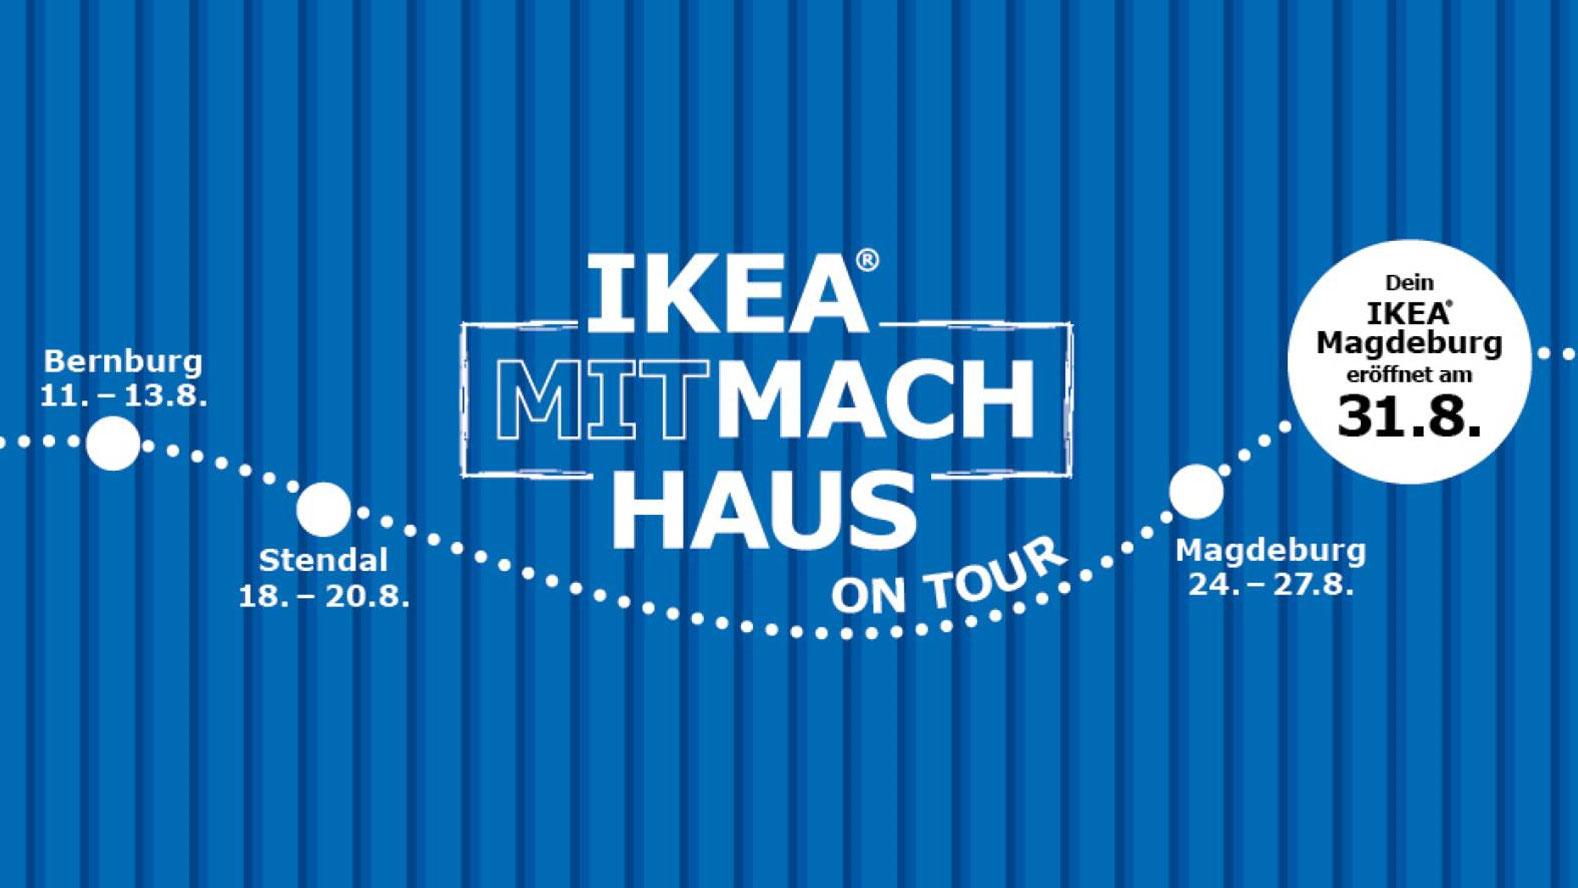 Mit IKEA am Wochenende in Bernburg feiern - Salzland Magazin